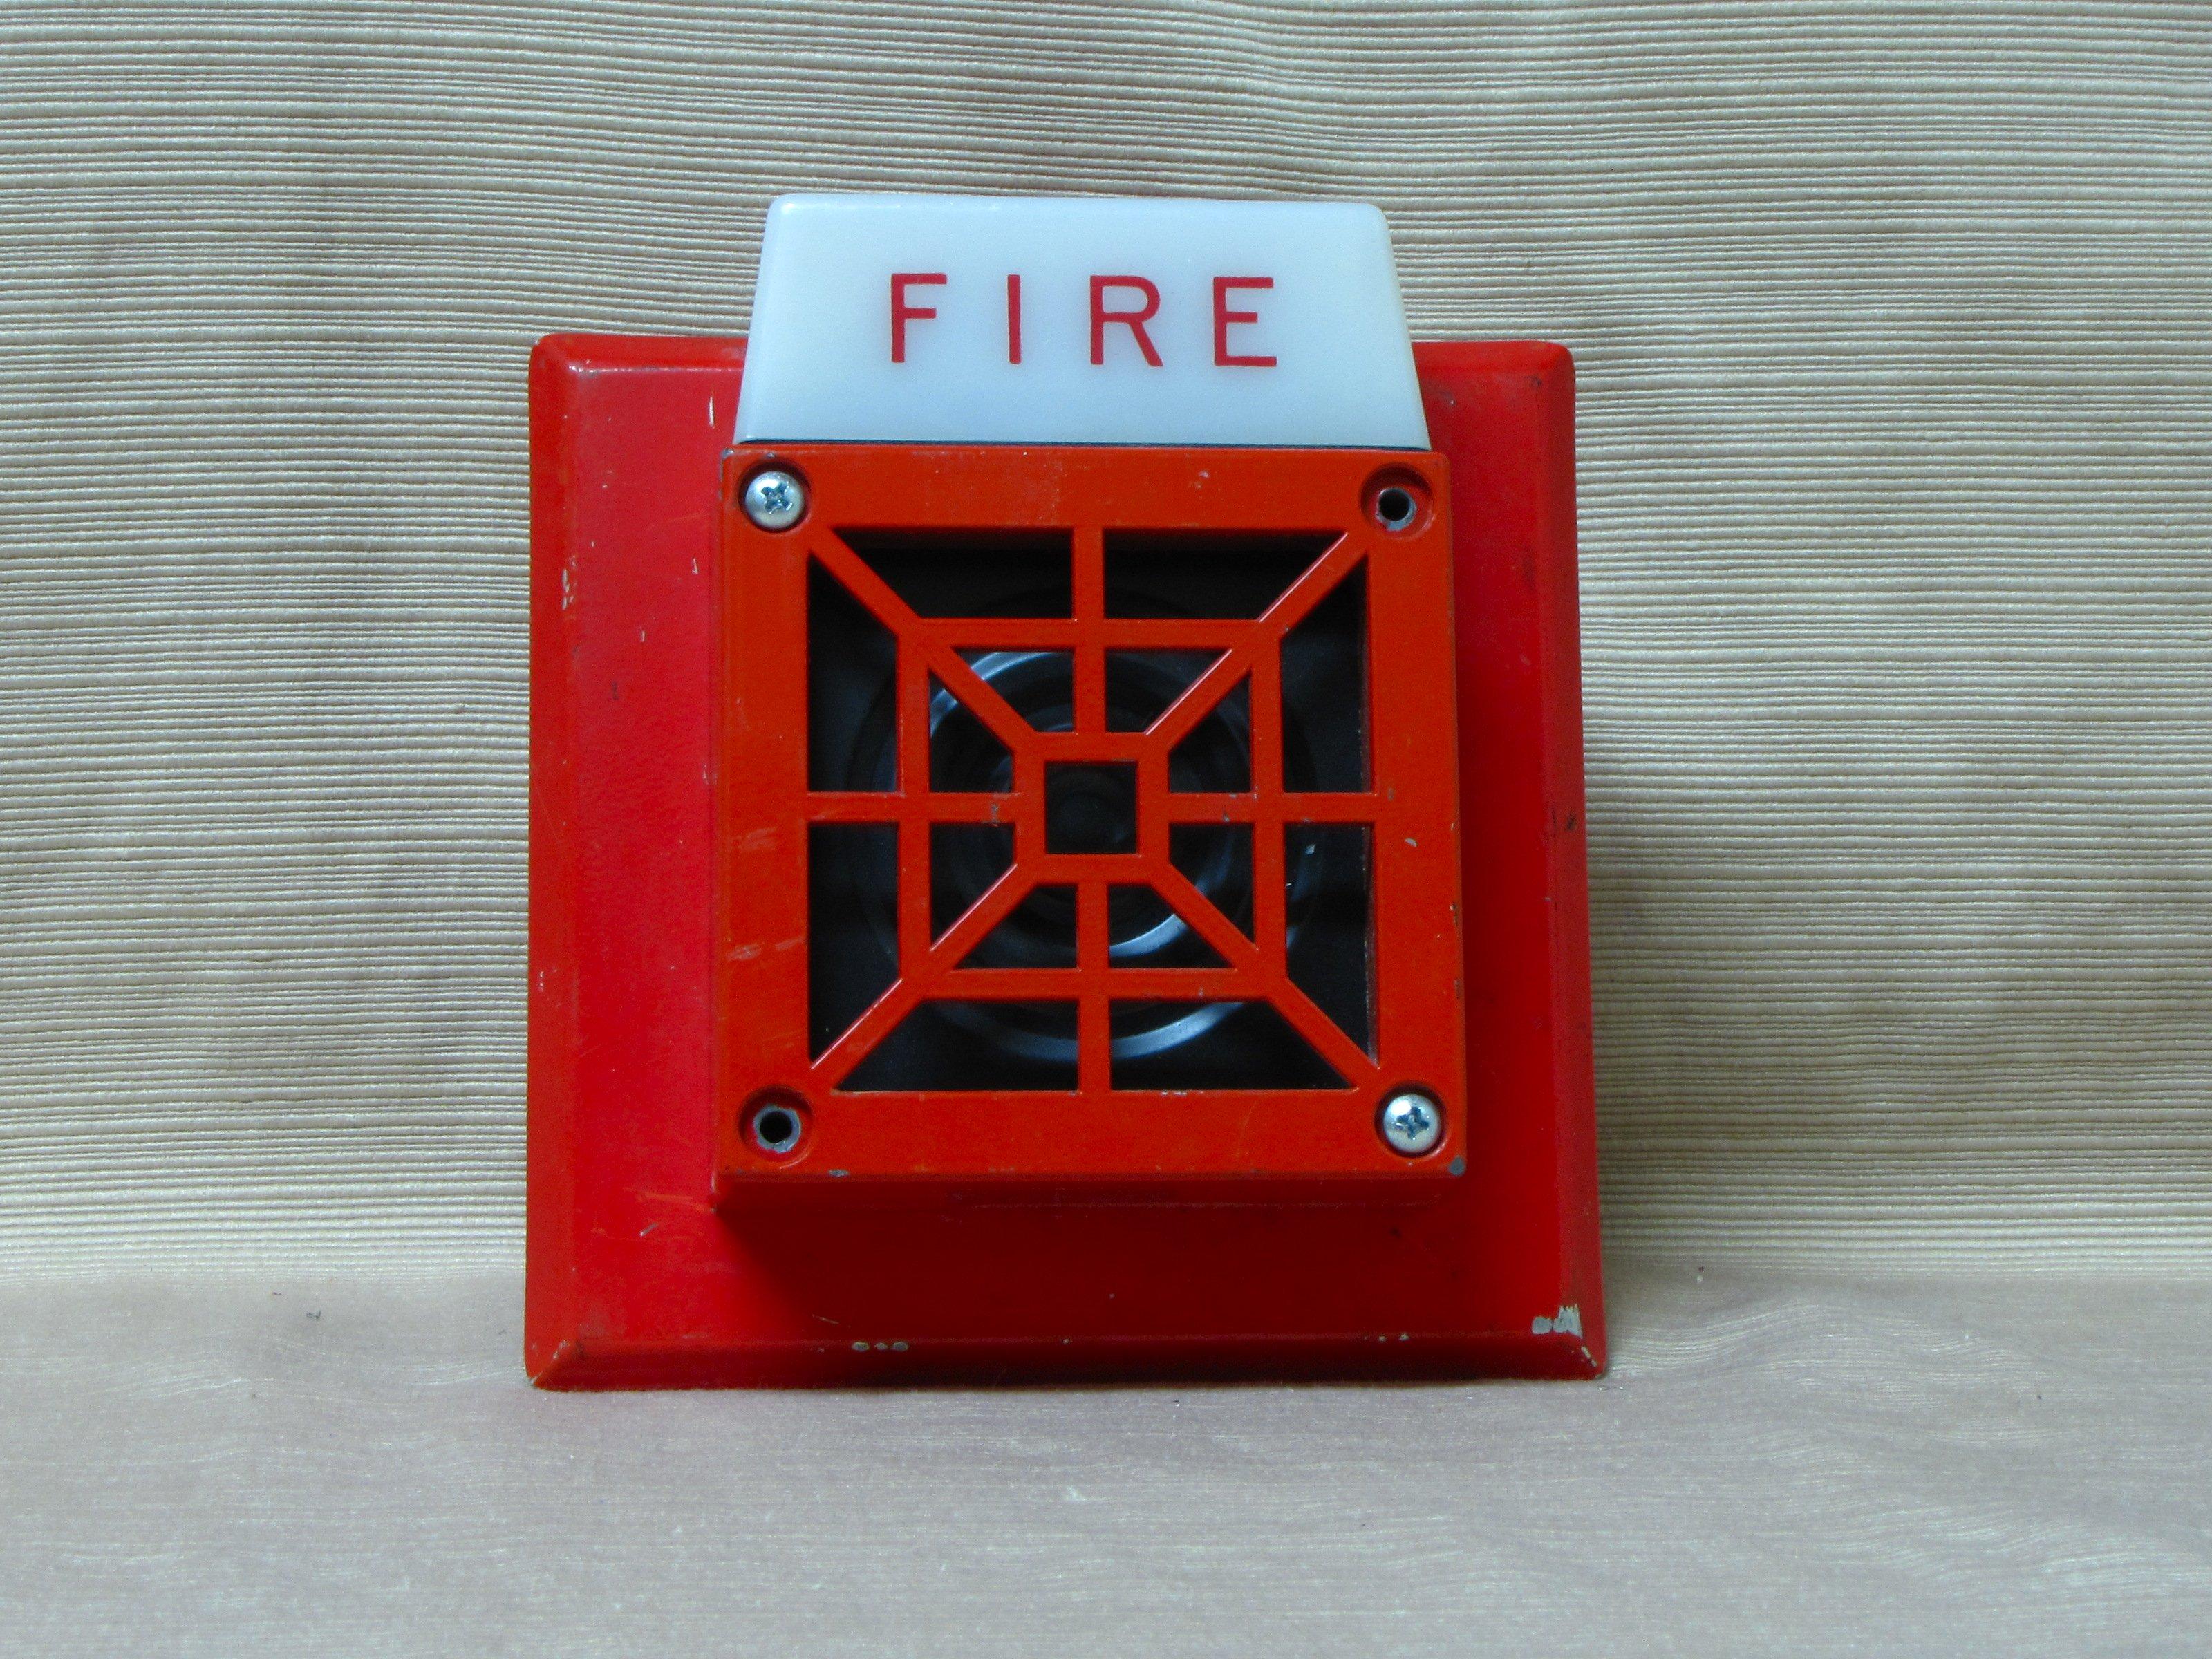 Watch further Siemens U Mhst Mcs likewise Adt 5050 001 further Watch further Watch. on fire alarm and strobe